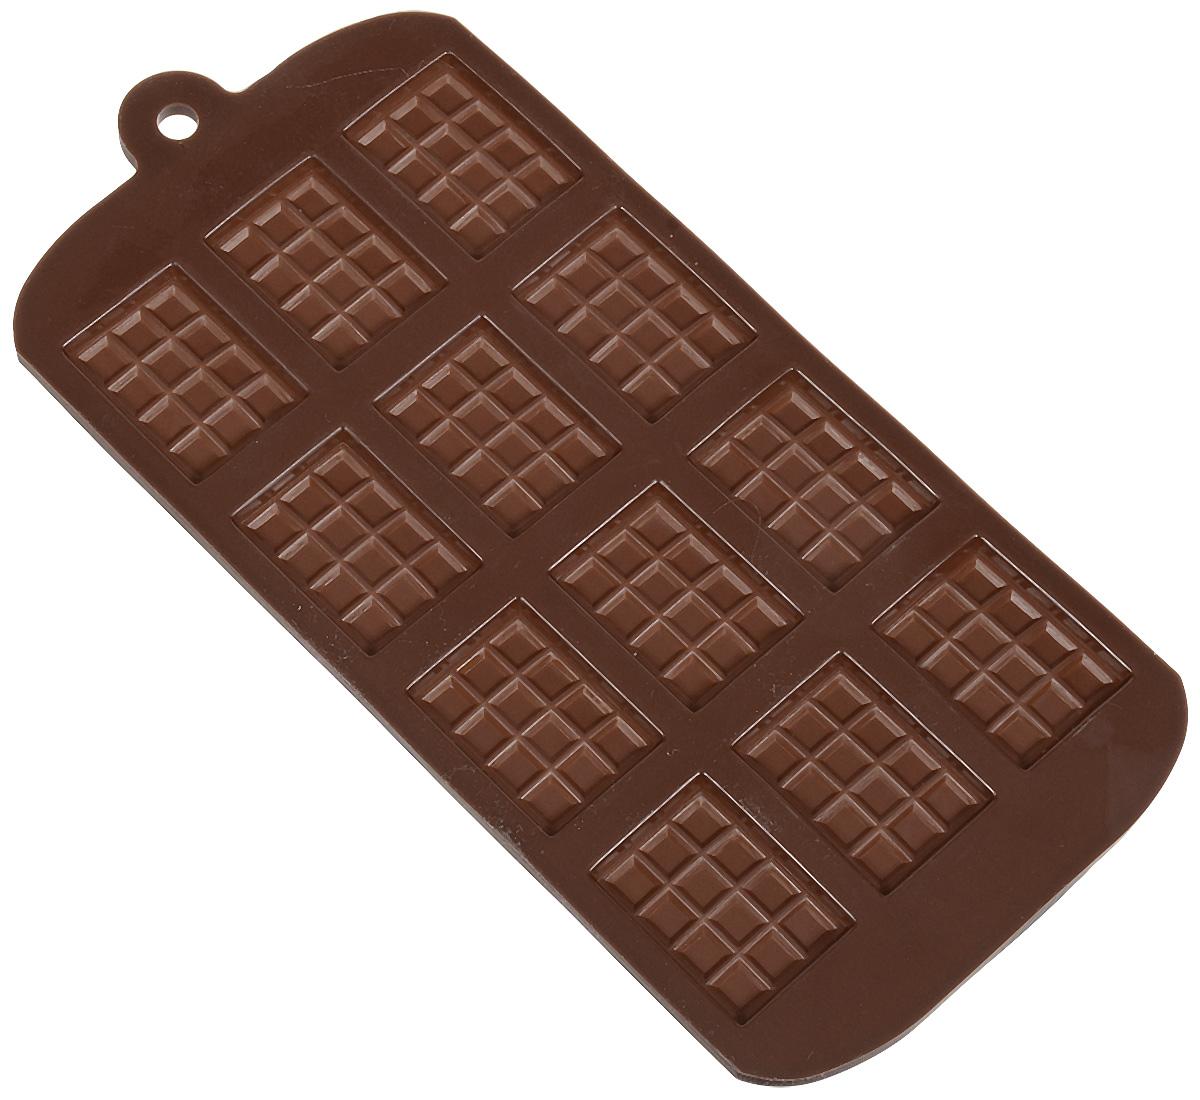 """Фигурная форма для льда и шоколада Доляна """"Плитка"""" выполнена из пищевого силикона, который не впитывает запахов, отличается прочностью и долговечностью. Материал полностью безопасен для продуктов питания. Кроме того, силикон выдерживает температуру от -40°С до +250°С, что позволяет использовать форму в духовом шкафу и морозильной камере. Благодаря гибкости материала готовый продукт легко вынимается и не крошится.  С помощью такой формы можно приготовить оригинальные конфеты и фигурный лед. Приготовить миниатюрные украшения гораздо проще, чем кажется. Наполните силиконовую емкость расплавленным шоколадом, мастикой или водой и поместите в морозильную камеру. Вскоре у вас будут оригинальные фигурки, которые сделают запоминающимся любой праздничный стол! В формах можно заморозить сок или приготовить мини-порции мороженого, желе, шоколада или другого десерта. Особенно эффектно выглядят льдинки с замороженными внутри ягодами или дольками фруктов. Заморозив настой из трав, можно использовать его в косметологических целях.  Форма легко отмывается, в том числе в посудомоечной машине."""